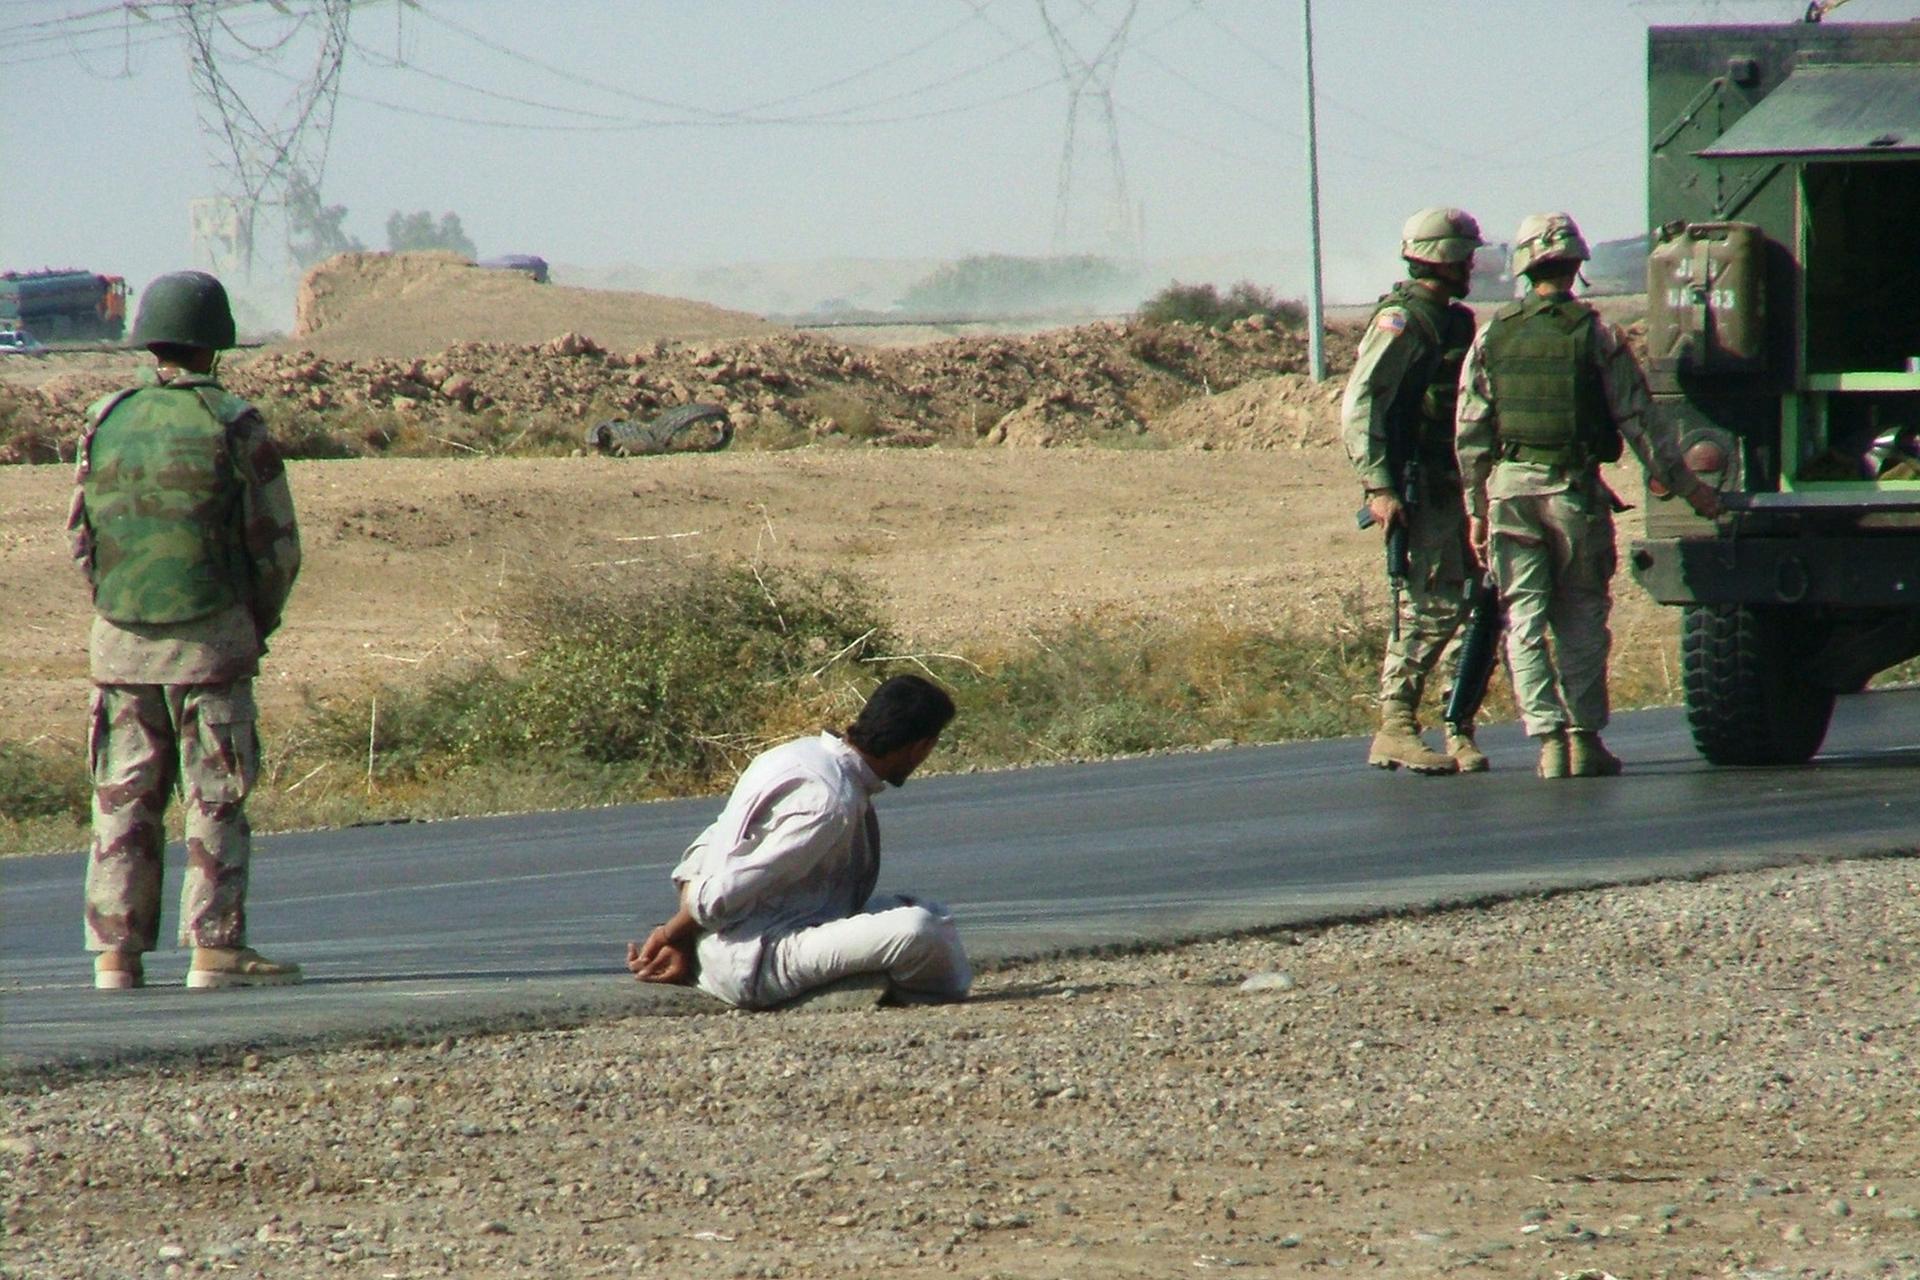 Zdjęcie przedstawia rezultat akcji schwytania terrorysty. Bliski Wschód. Asfaltowa droga na obrzeżach miasta. Po prawej stronie drogi wóz bojowy idwóch żołnierzy stojących obok wozu. Po lewej żołnierzy obserwujący teren. Na kamienistym poboczu siedzi schwytany związany Talib. Wgłębi zdjęcia słupy wysokiego napięcia.